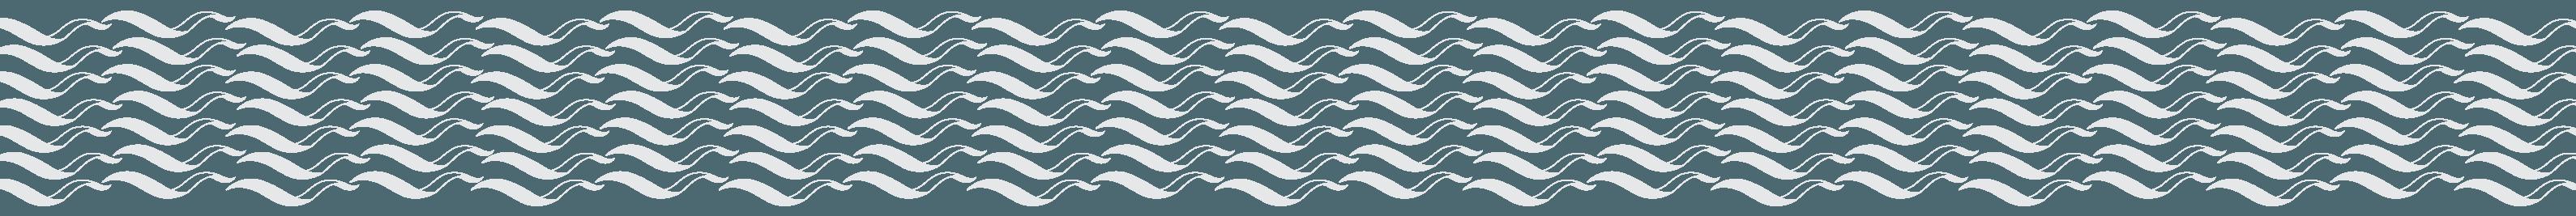 wsc_eeels